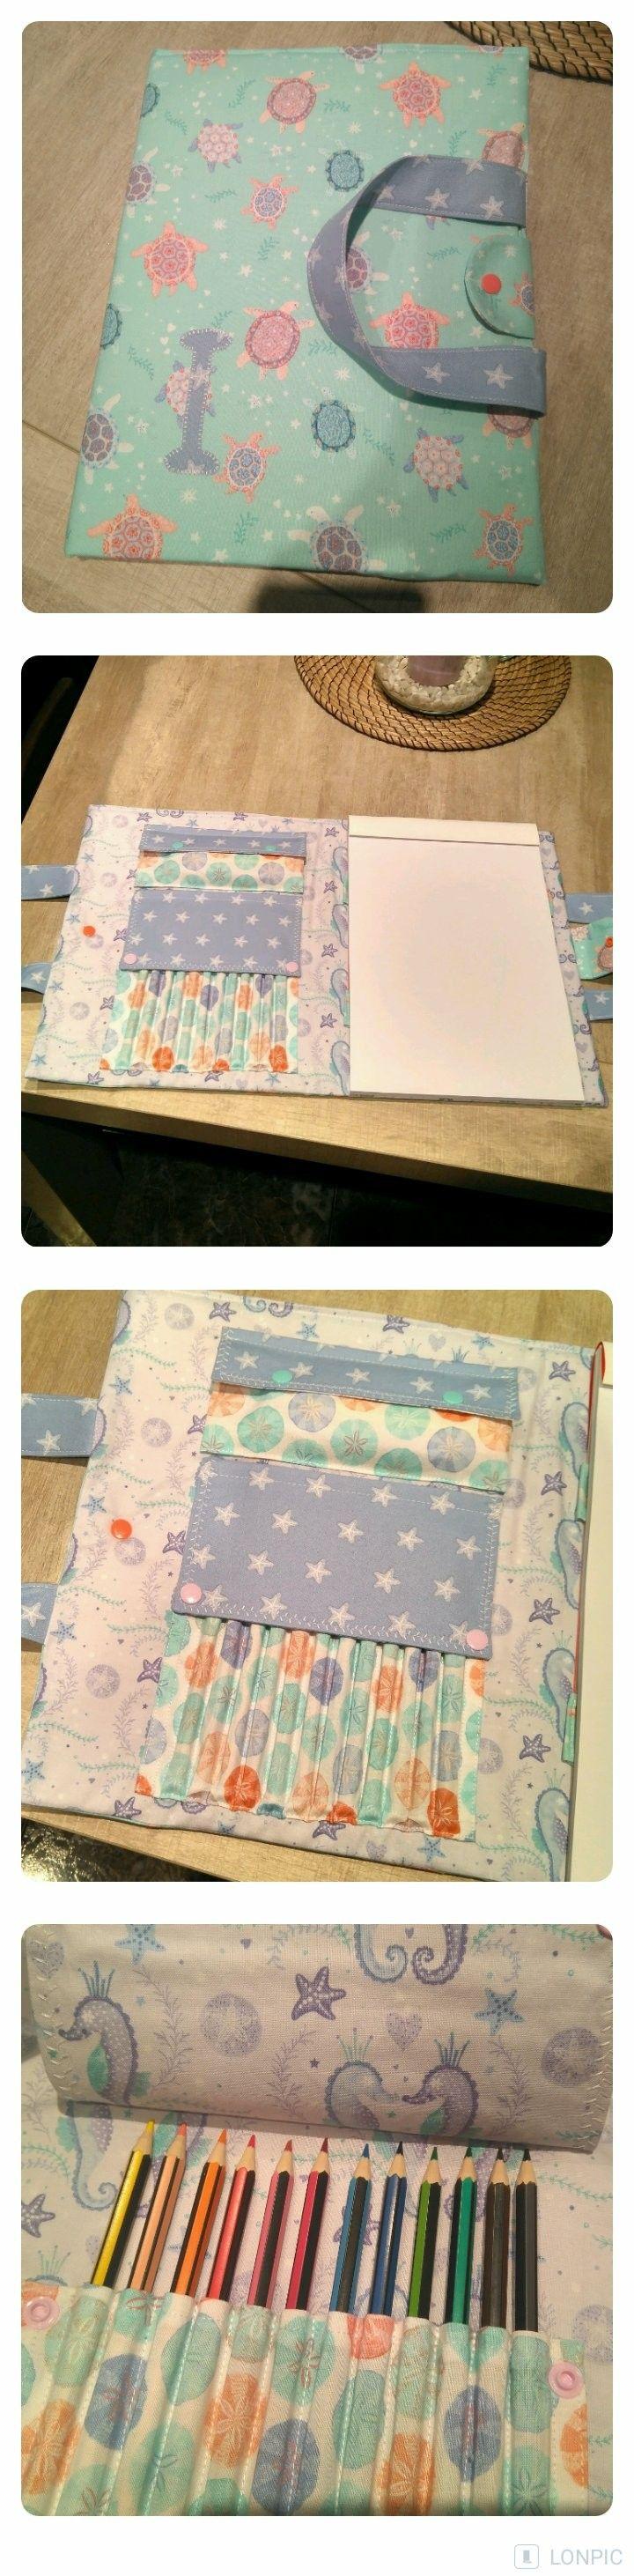 Carpeta para bloc de notas y compartimentos para lápices. Perfecto regalo para l@s peques.  #DIY #Costura #Infantil #Regalo #Inspiración #Creatividad #Sewing #Present #Inspiration #Fabrics